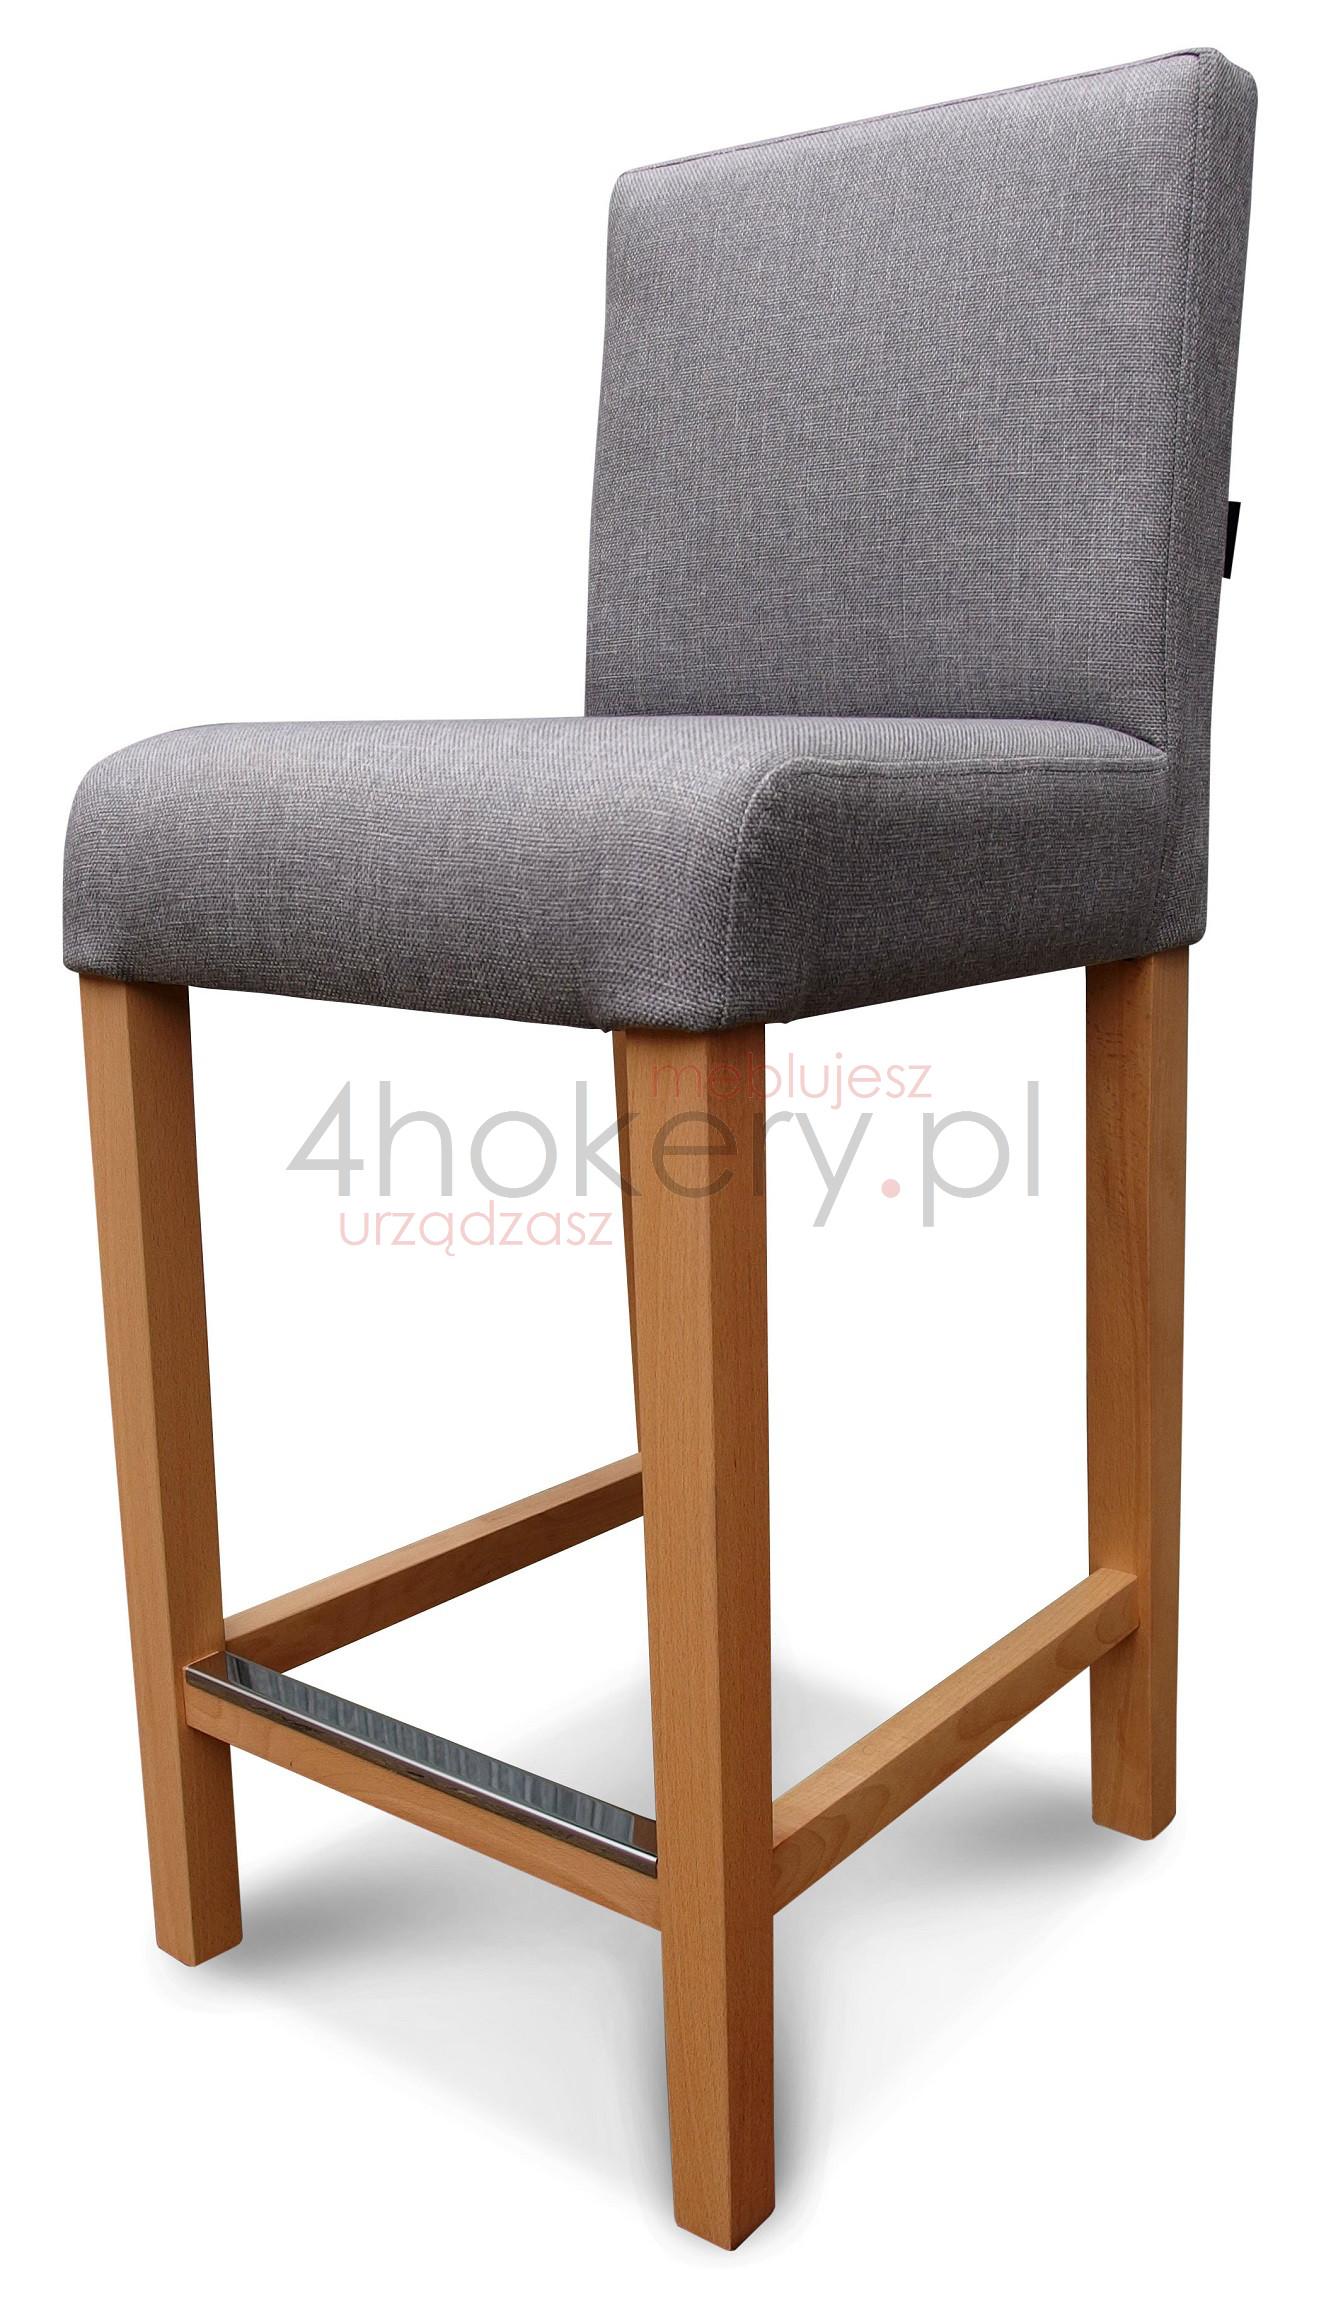 Hoker prosty z oparciem gładki niepikowanym krzesło barowe